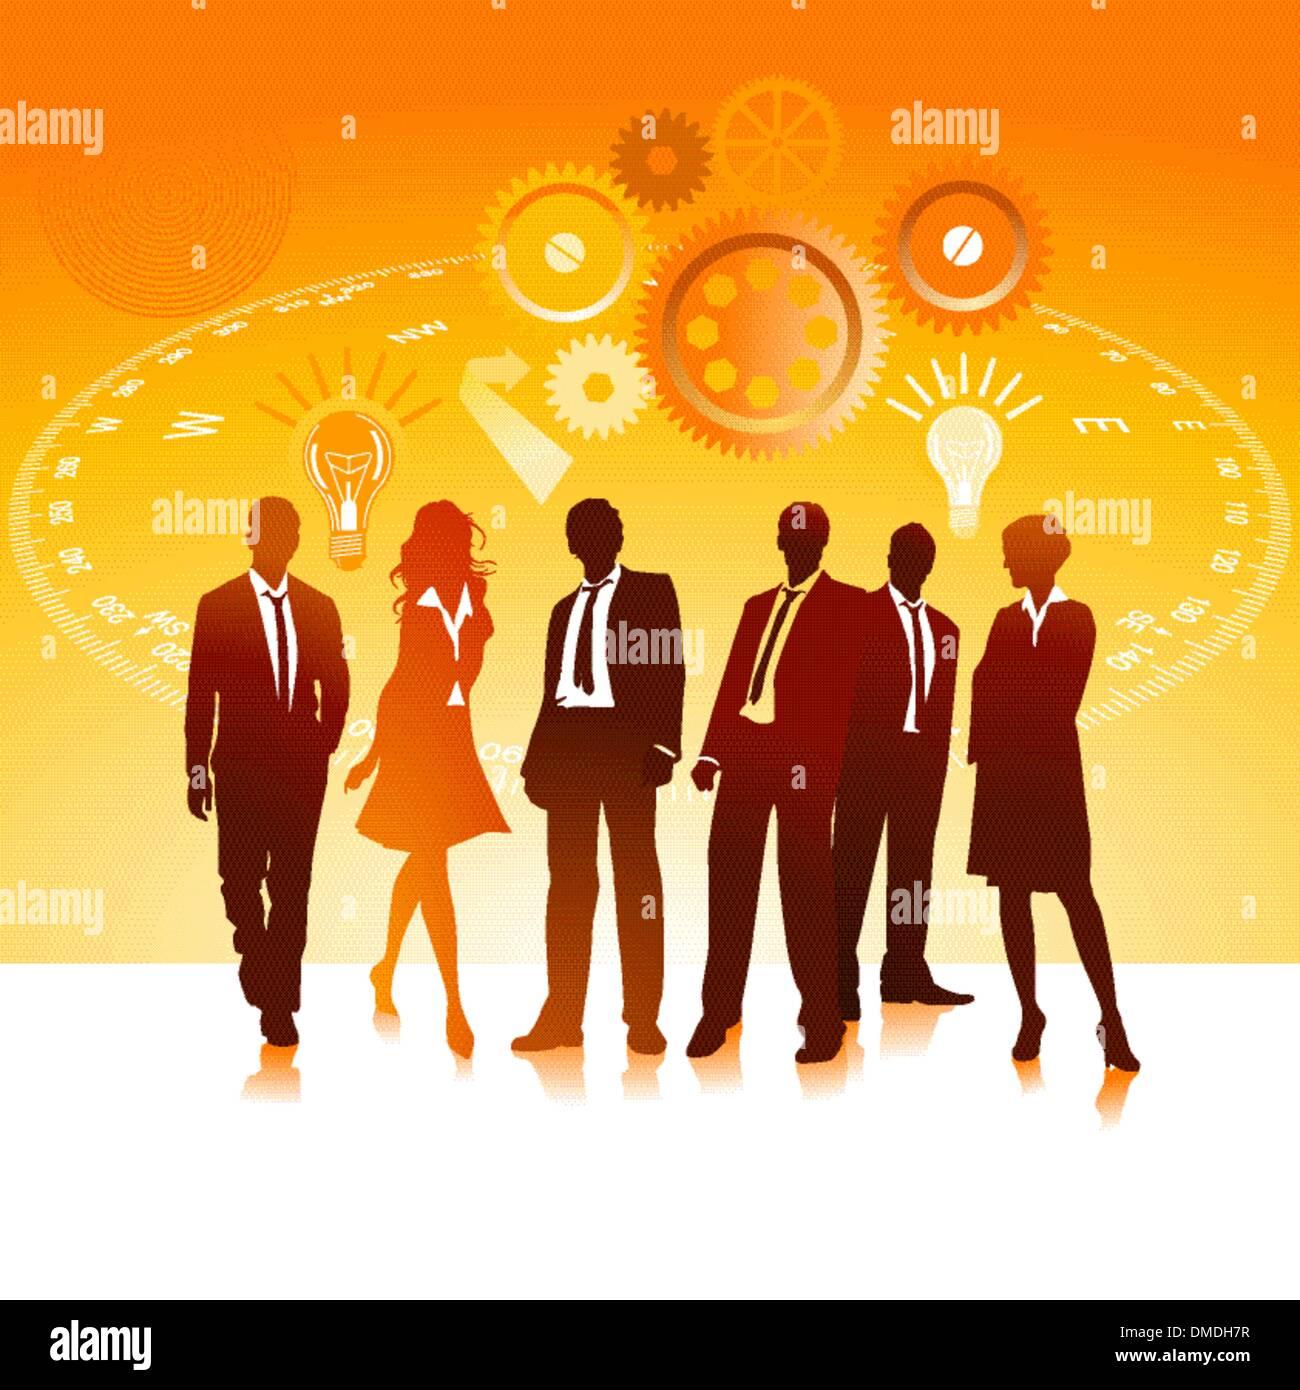 Ideas e innovación Imagen De Stock